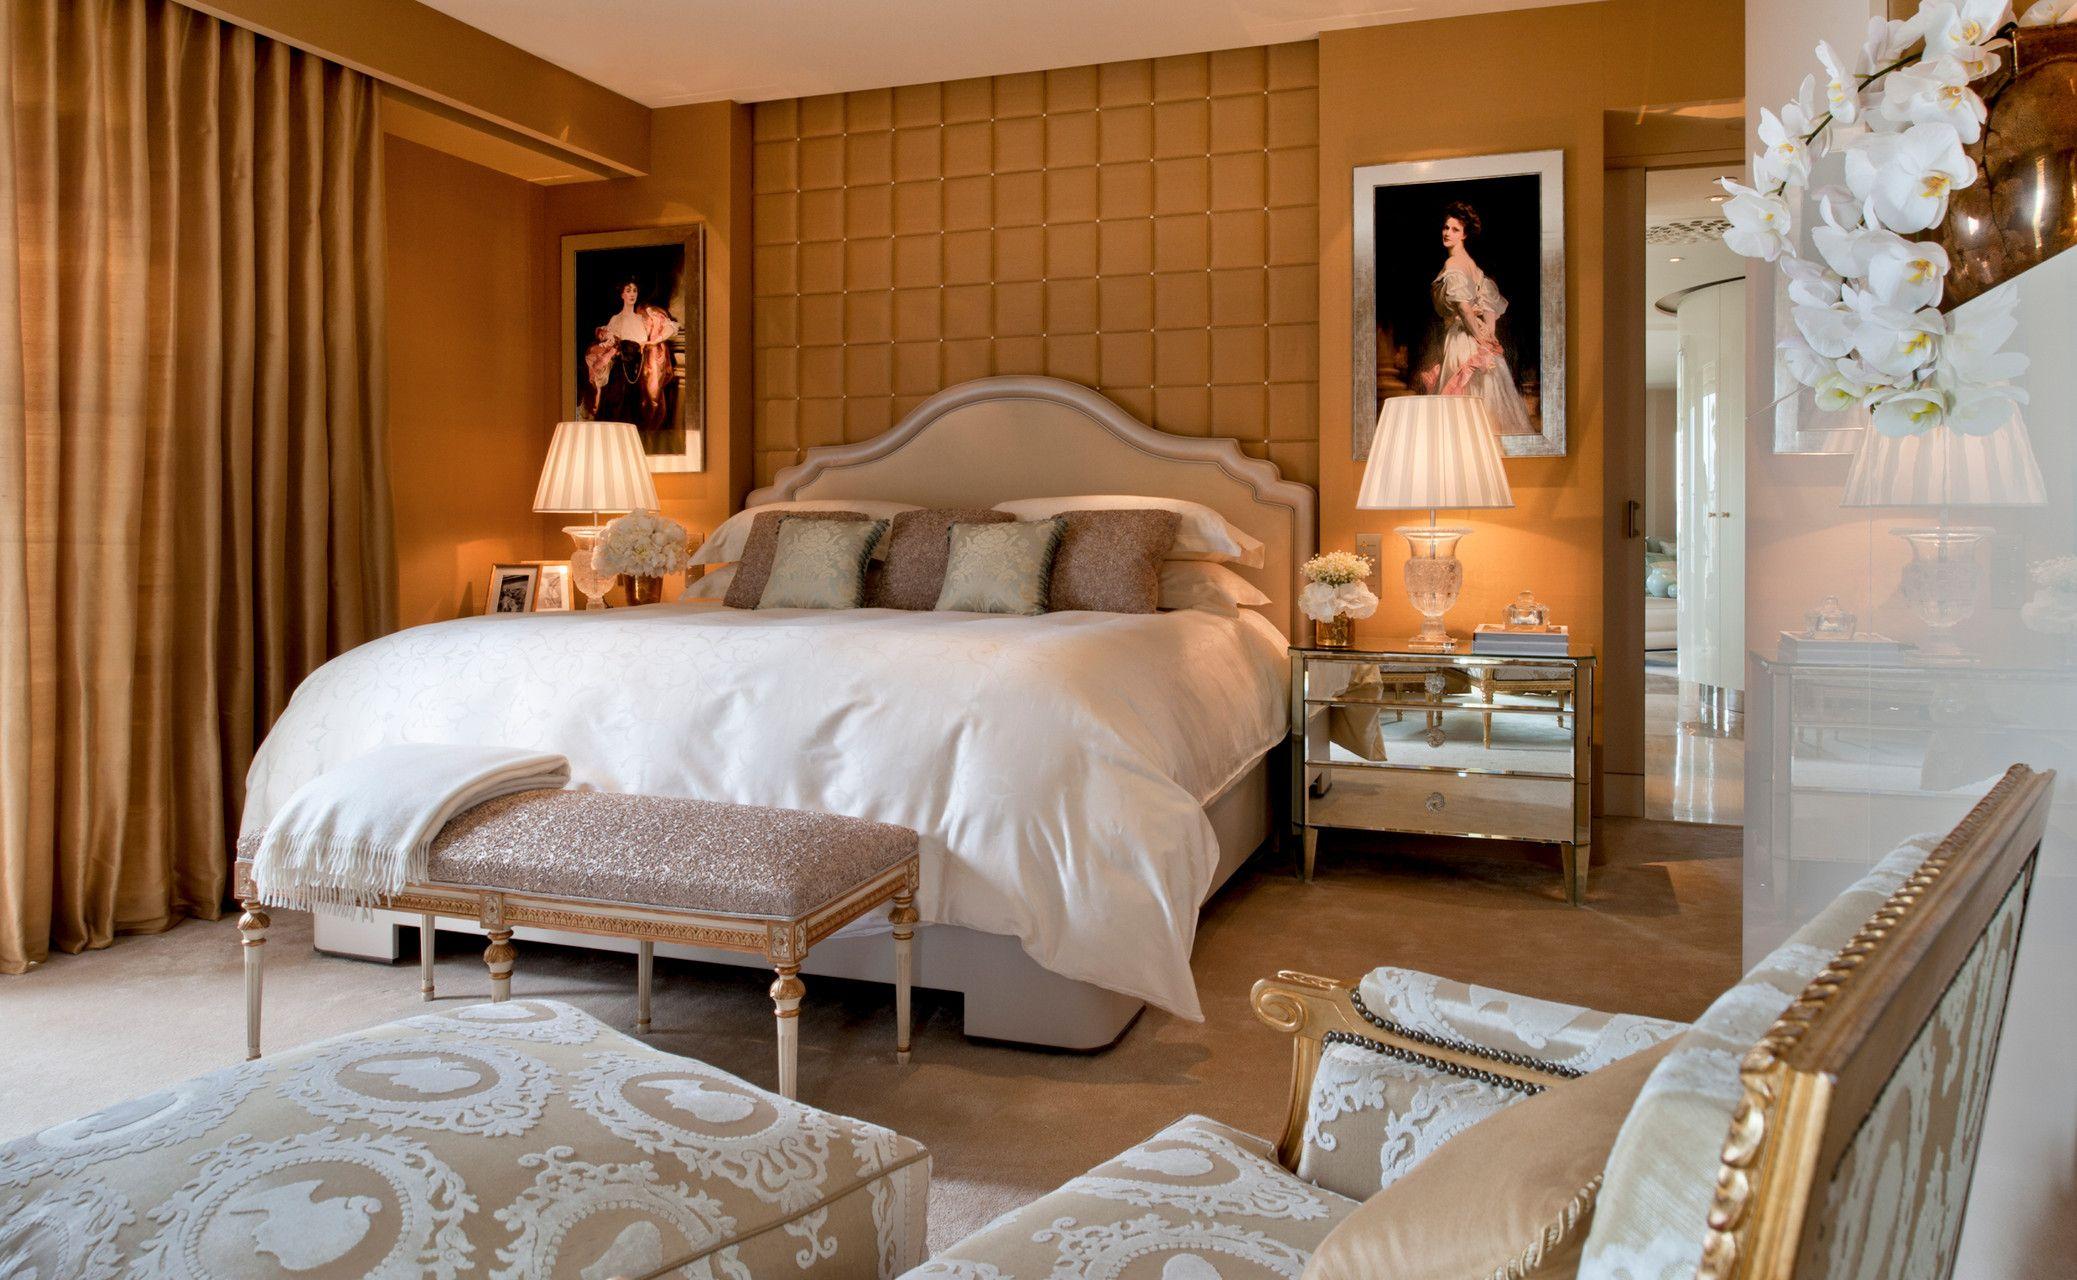 New Penthouse Suite at Four Seasons V, Paris